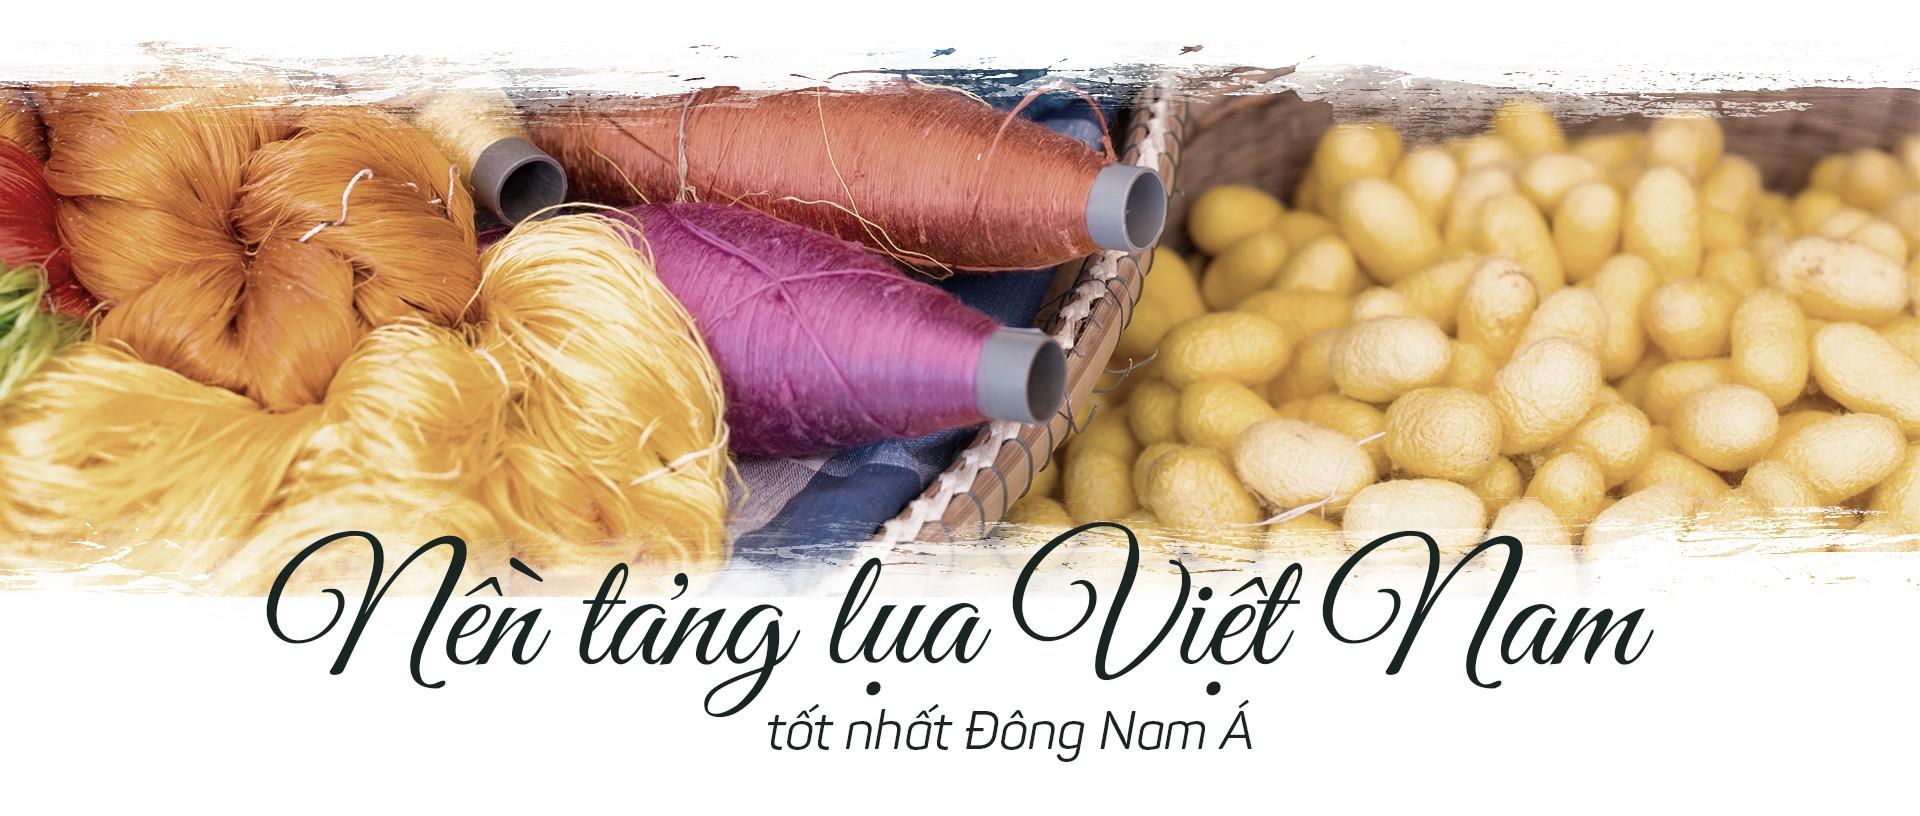 Tơ lụa Việt Nam: Sứ mệnh mới của thủ phủ tơ tằm Bảo Lộc - Ảnh 2.